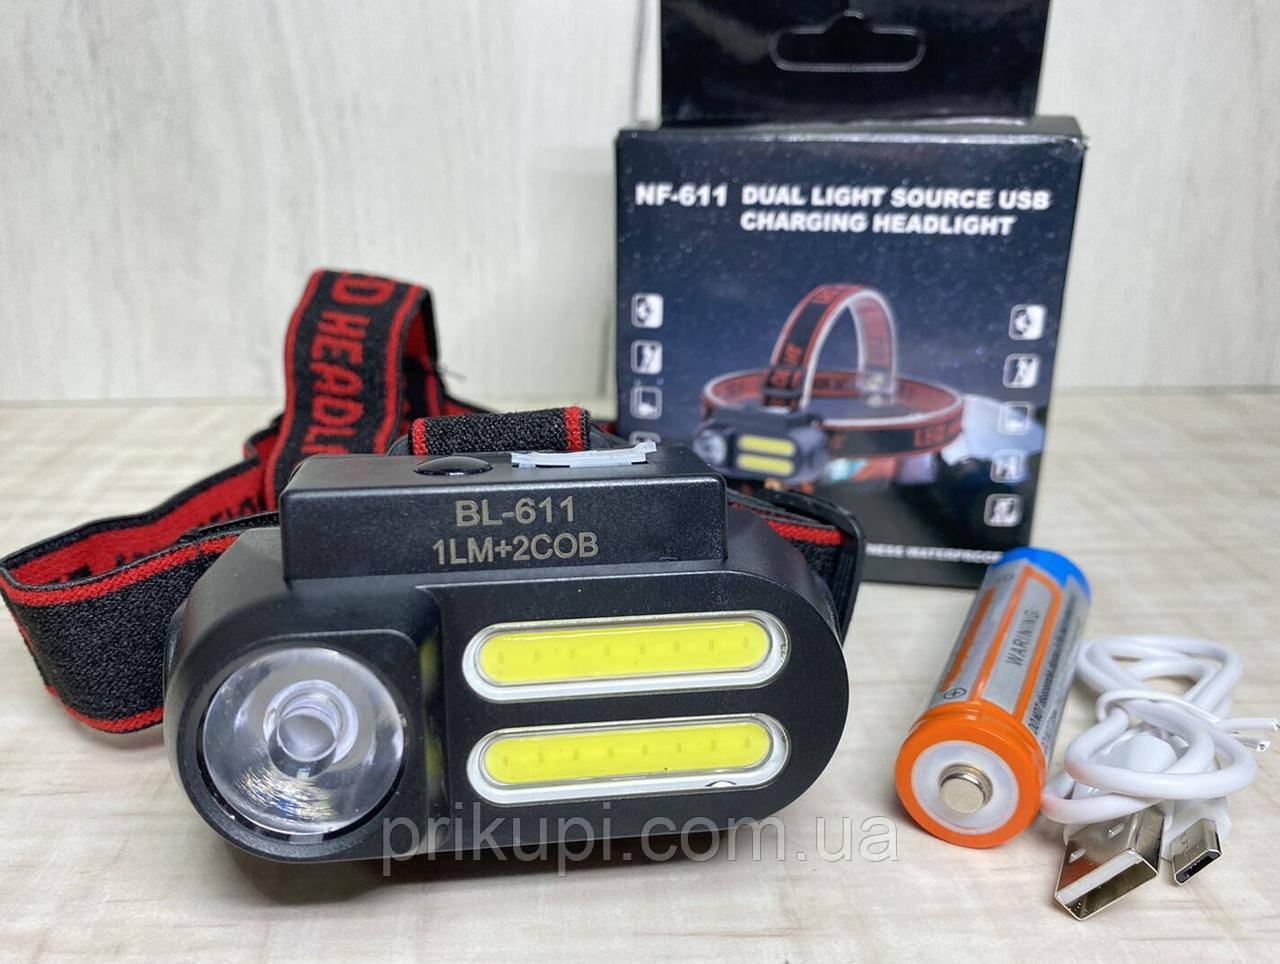 Маленький налобний ліхтар з акумулятором і USB зарядкою BL-611-1LM+2COB